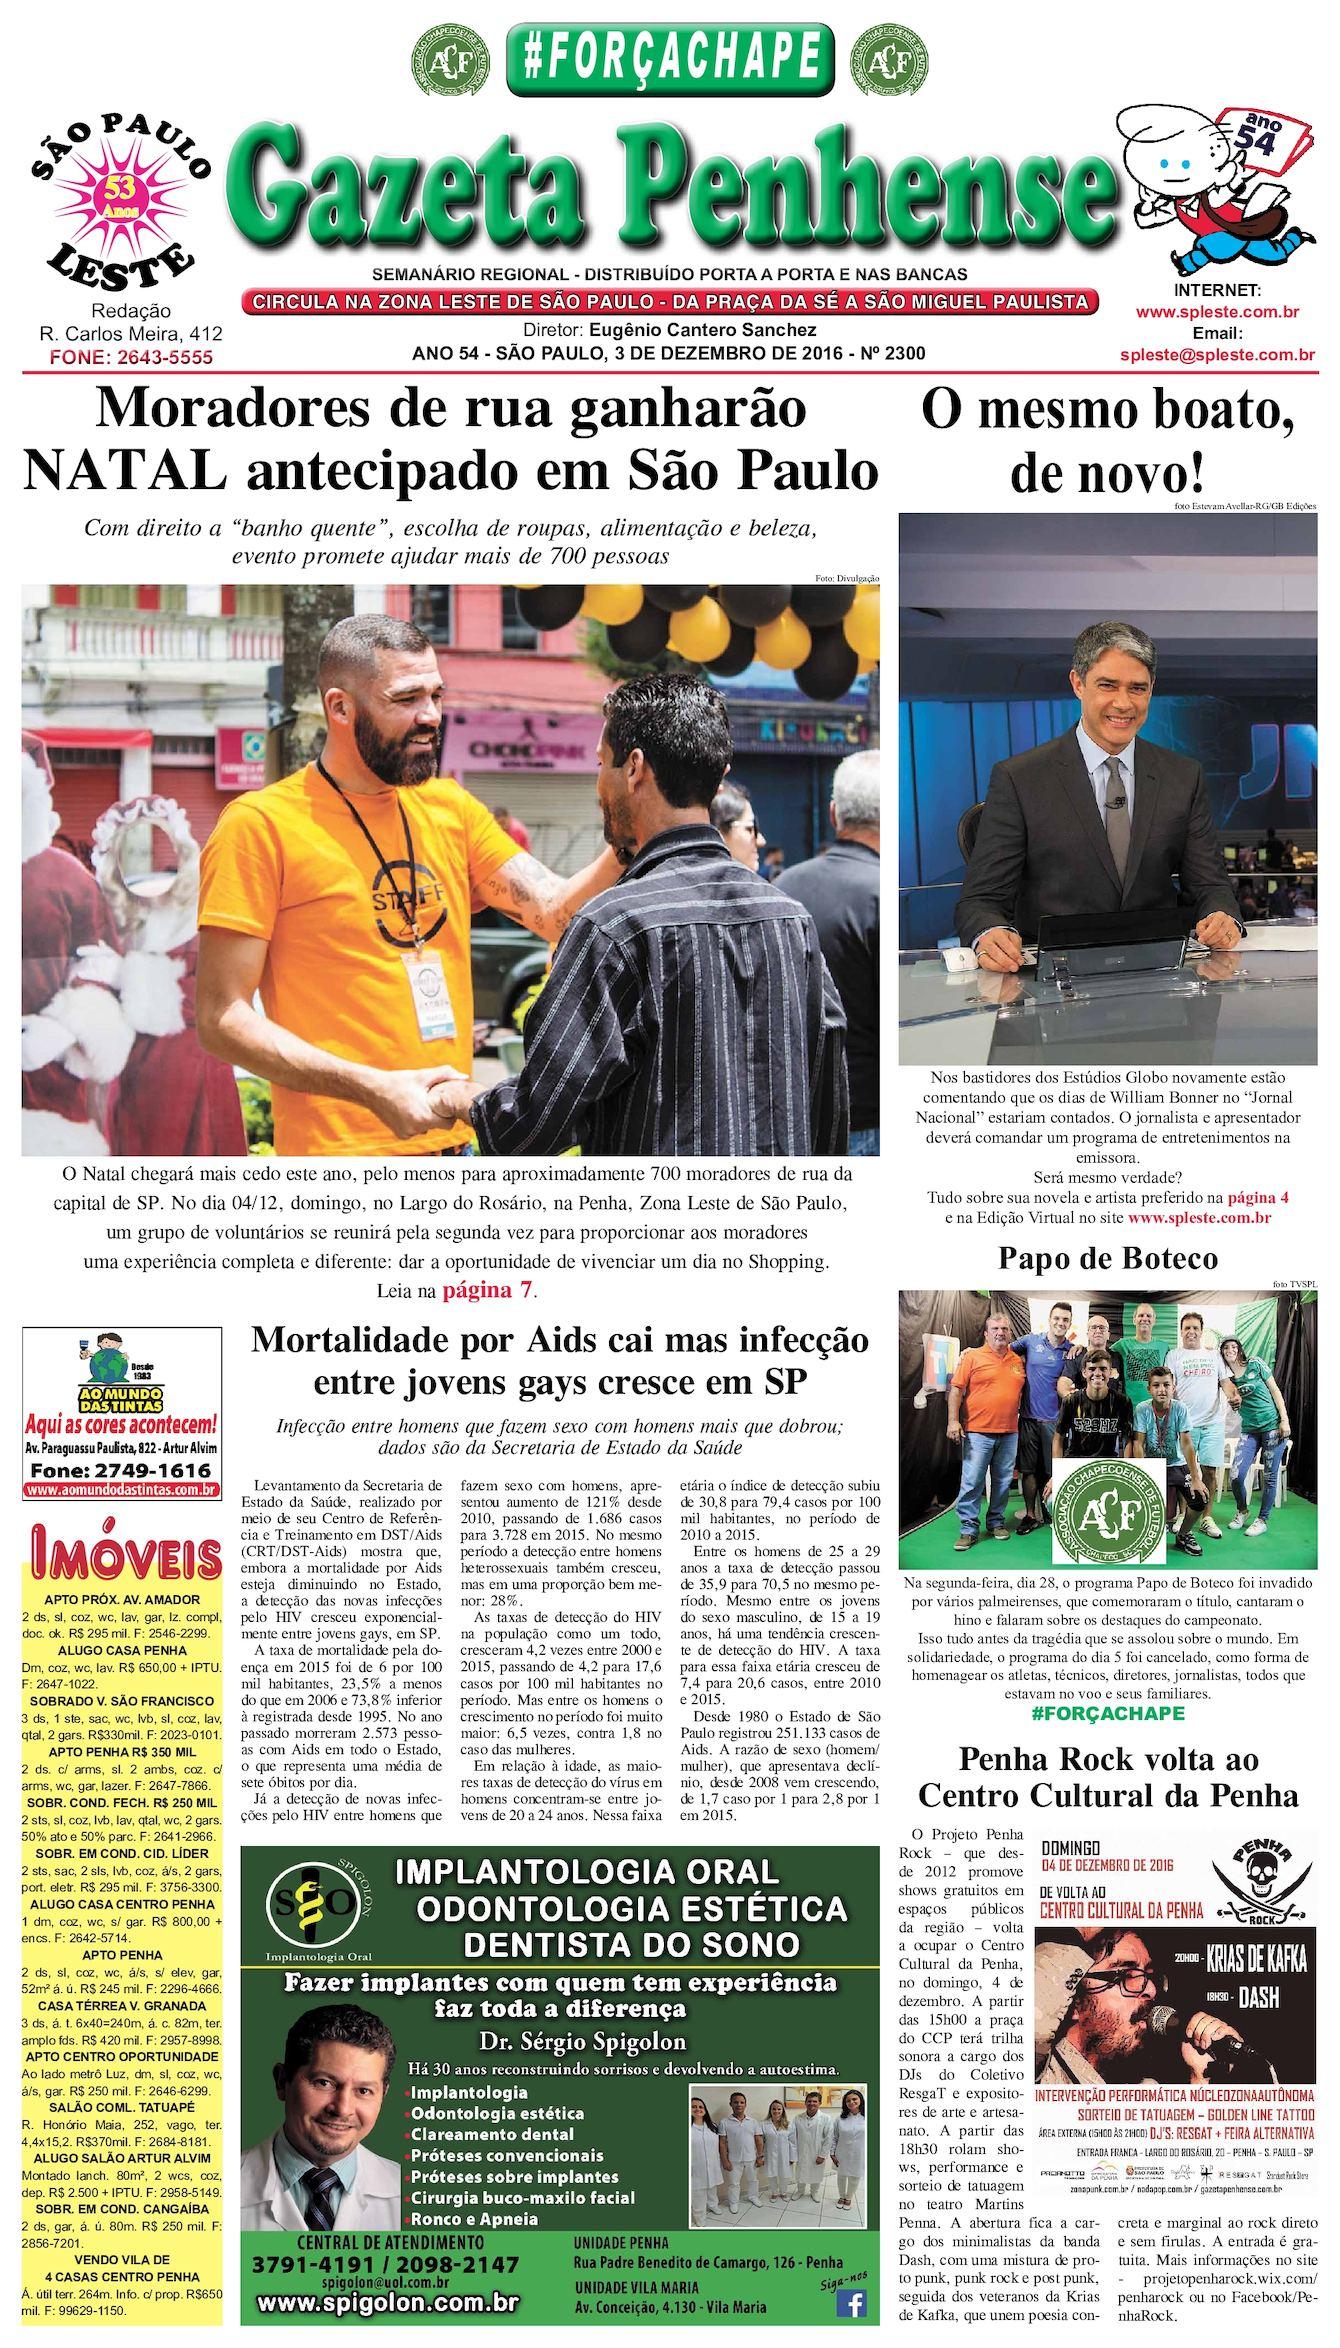 Calaméo - Gazeta Penhense edição 2300 - 03.12.16 32fb1f2767